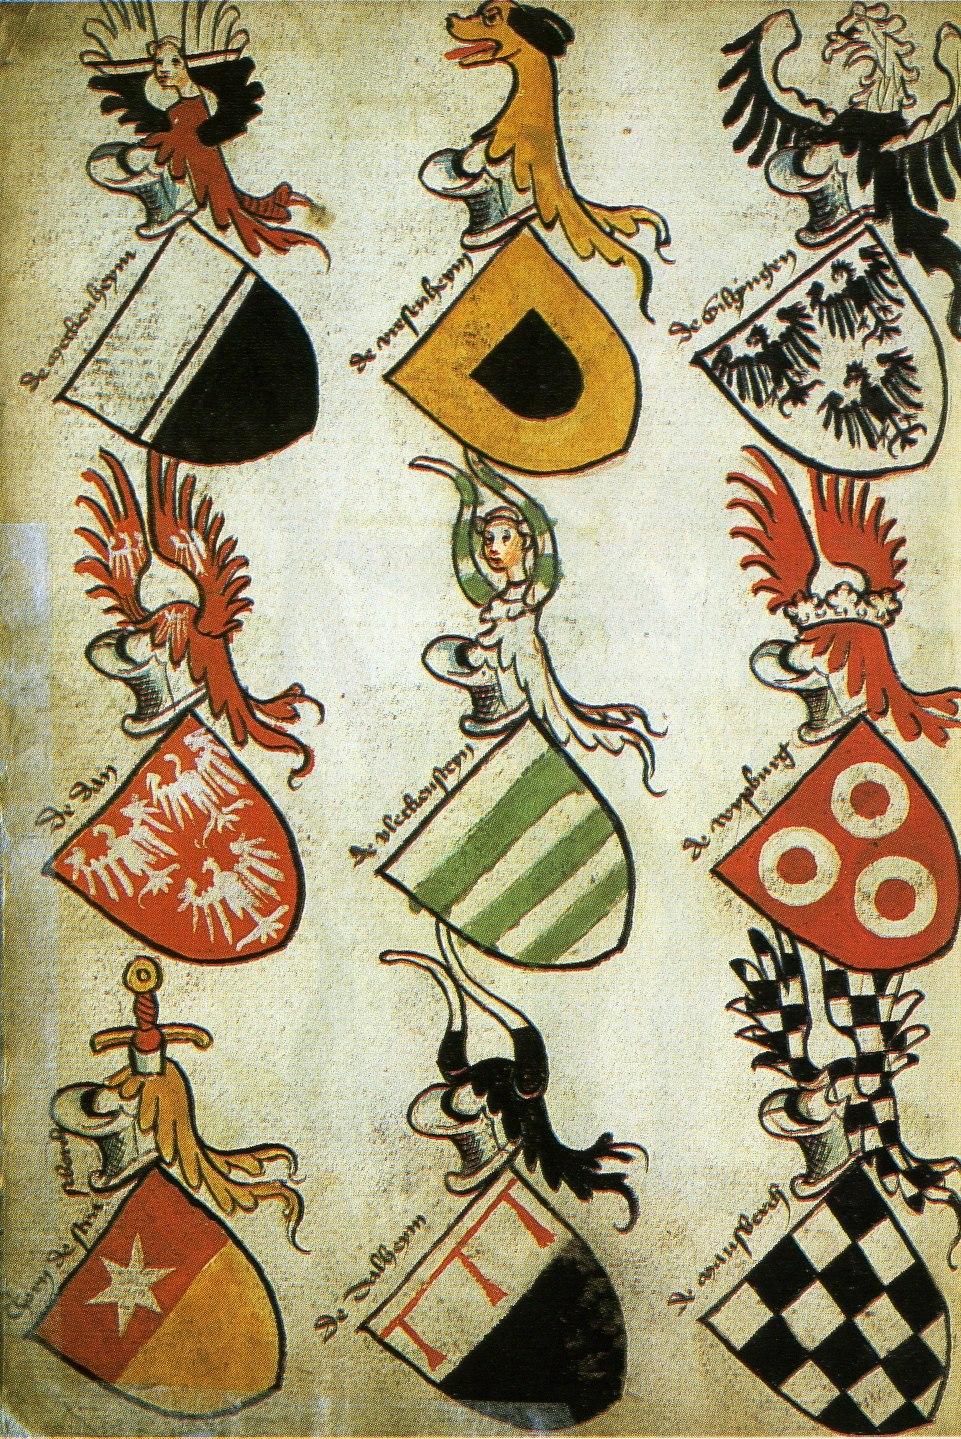 Hyghalmen Roll Late 1400s